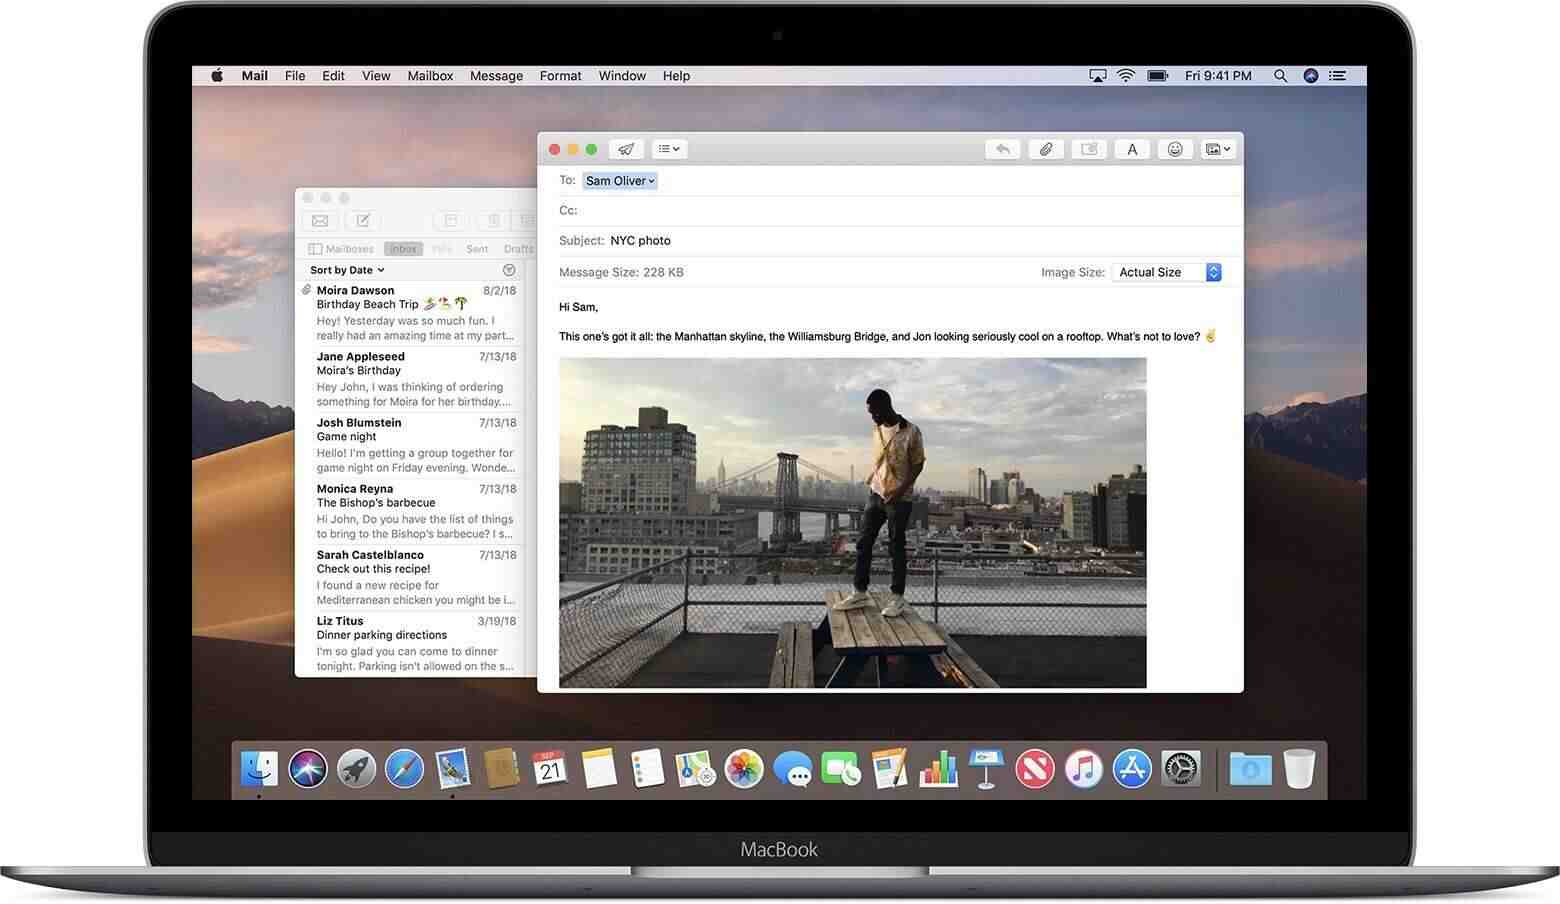 Comment configurer une adresse mail ovh sur Gmail ?